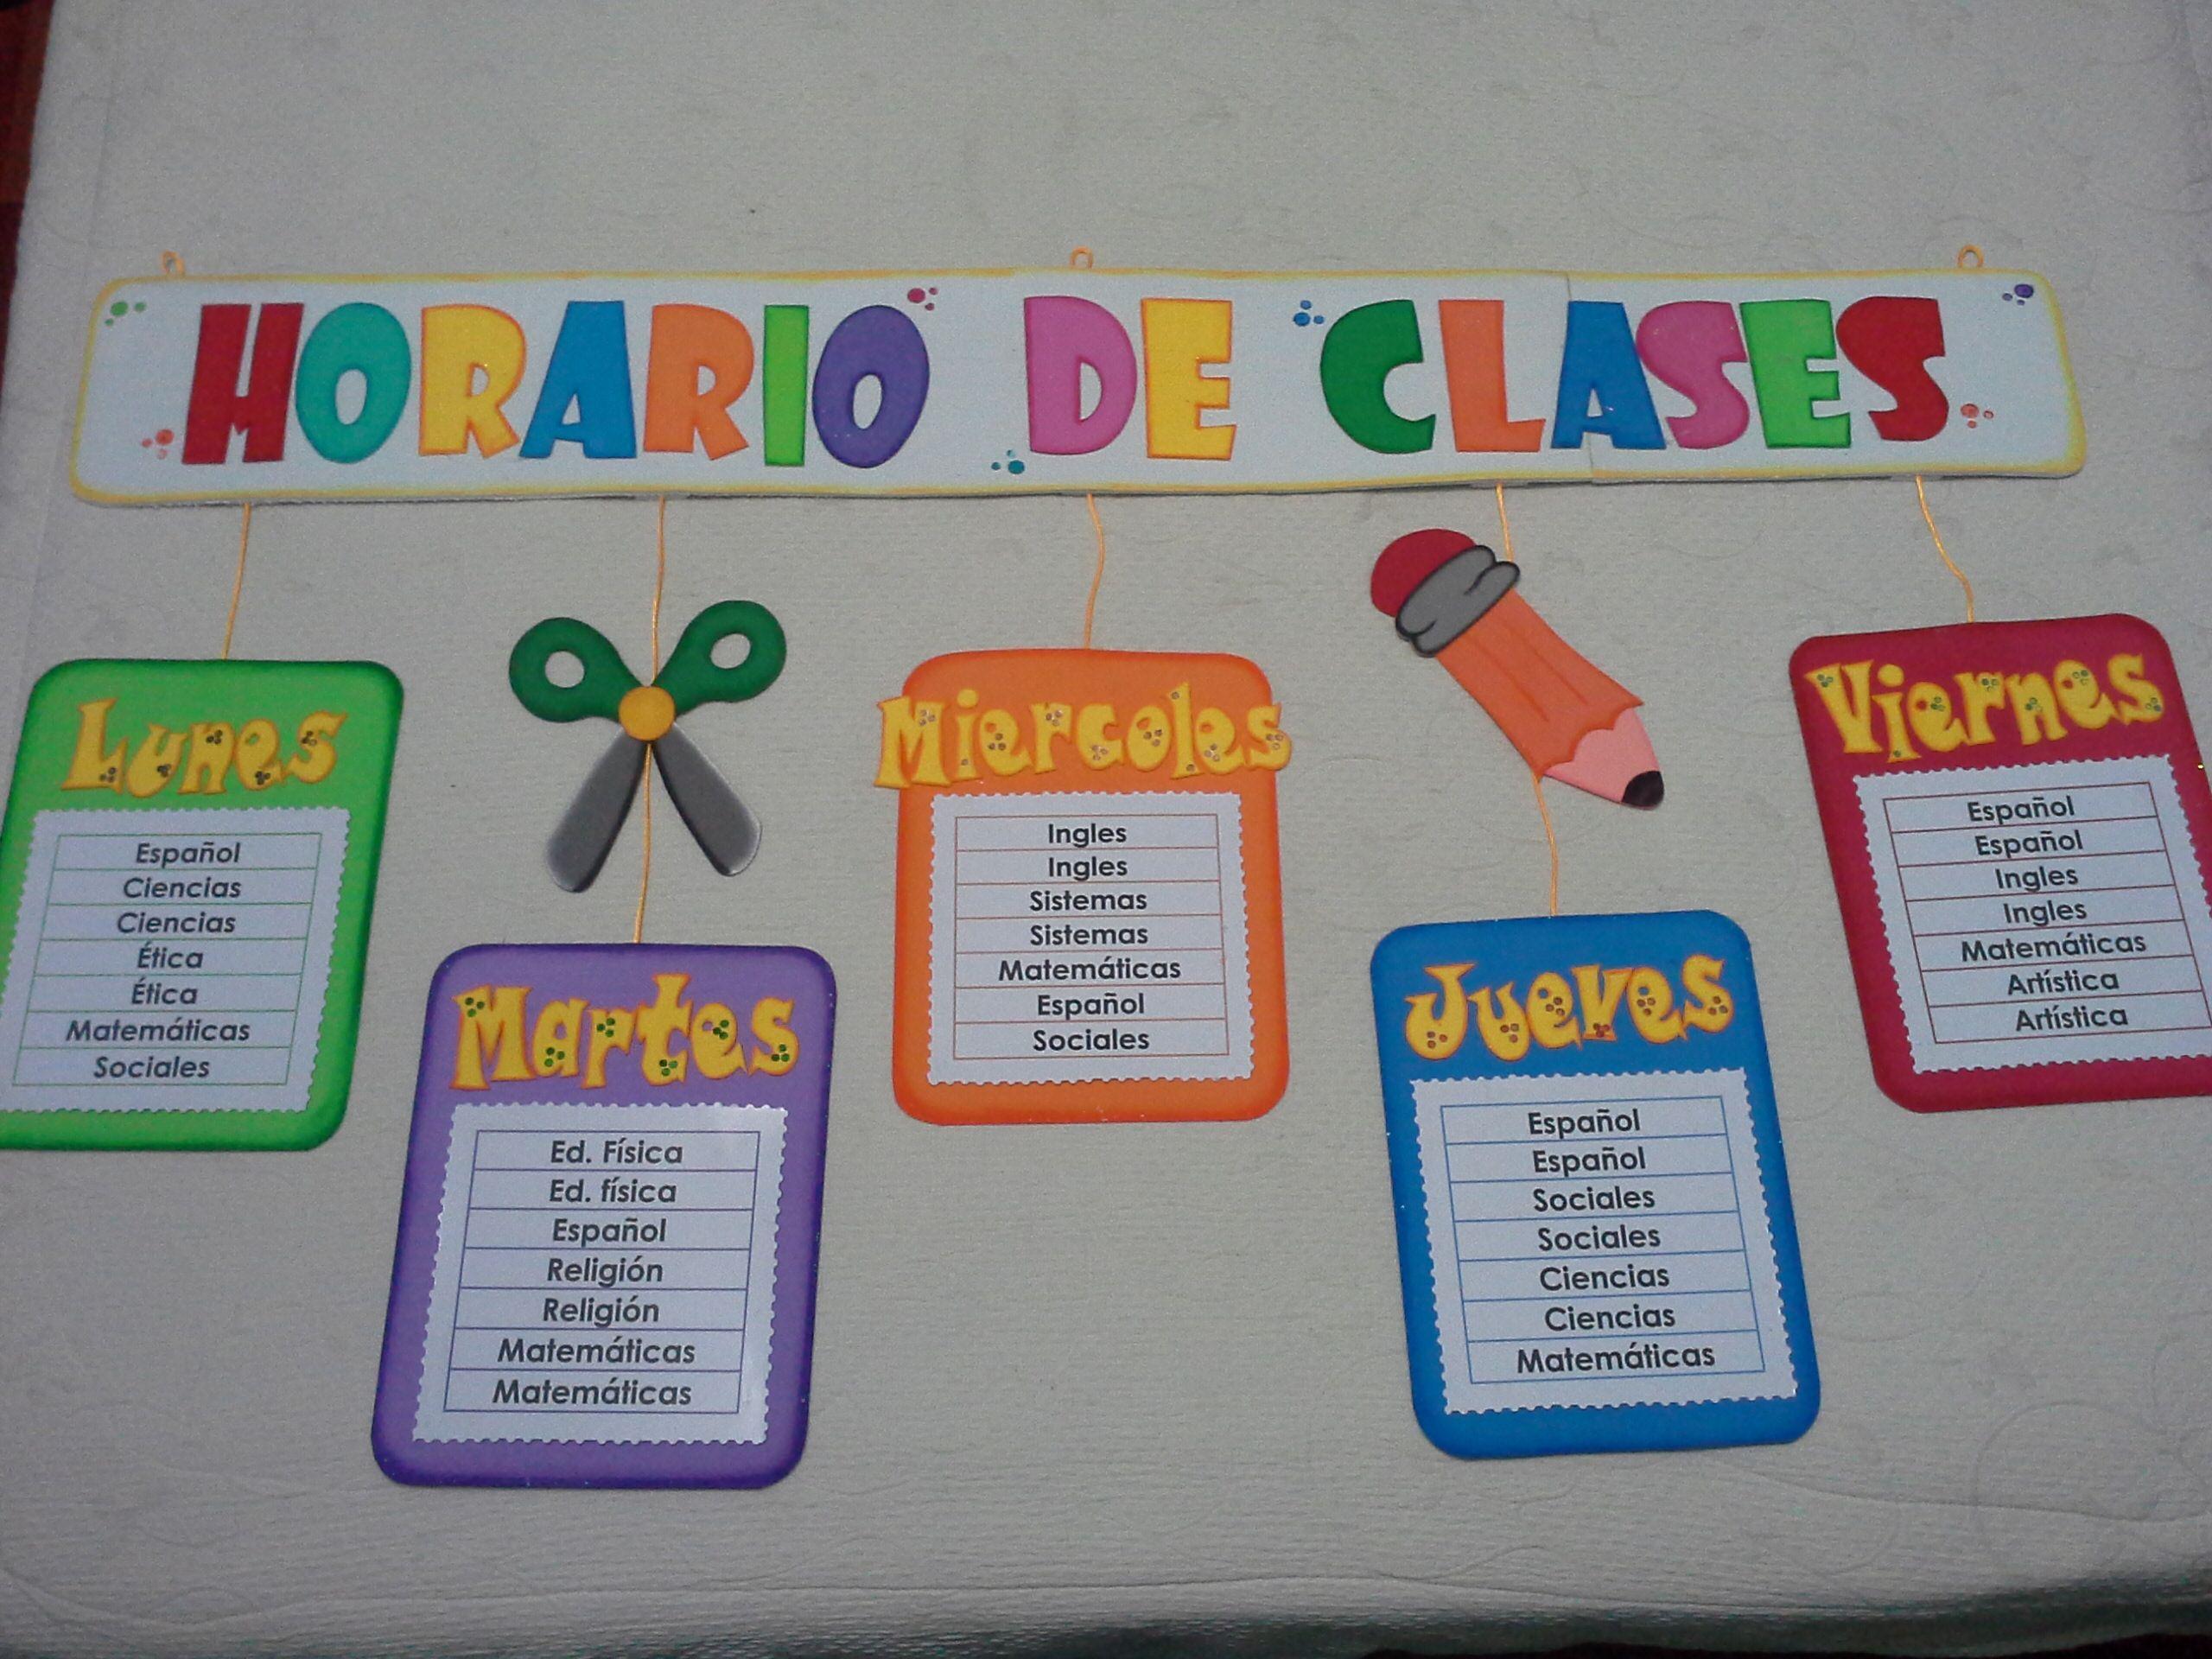 Imagenes De Horarios De Clases Decorados Para Imprimir